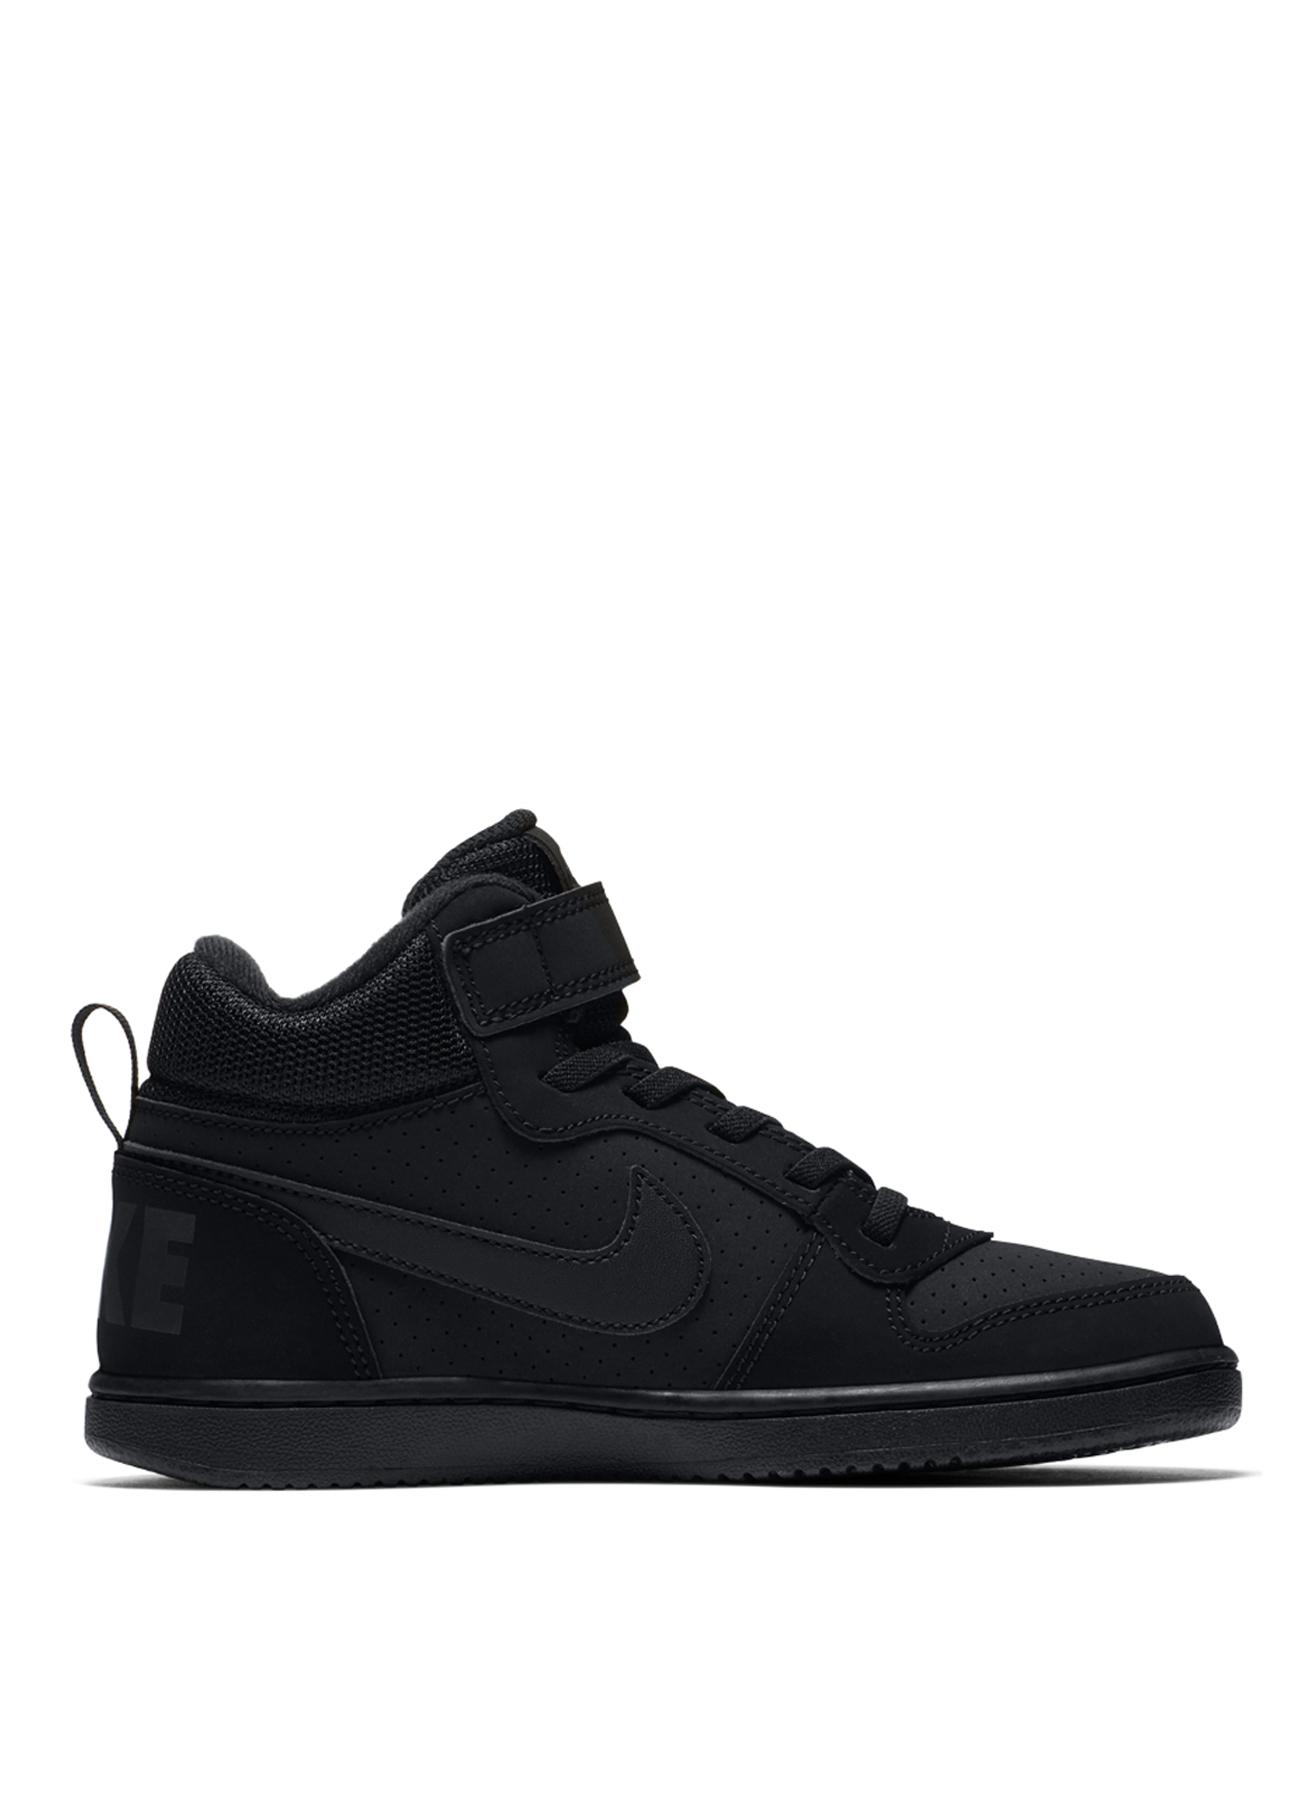 Nike Court Borough Mid (PS) Pre-School Yürüyüş Ayakkabısı 33 5001635368008 Ürün Resmi